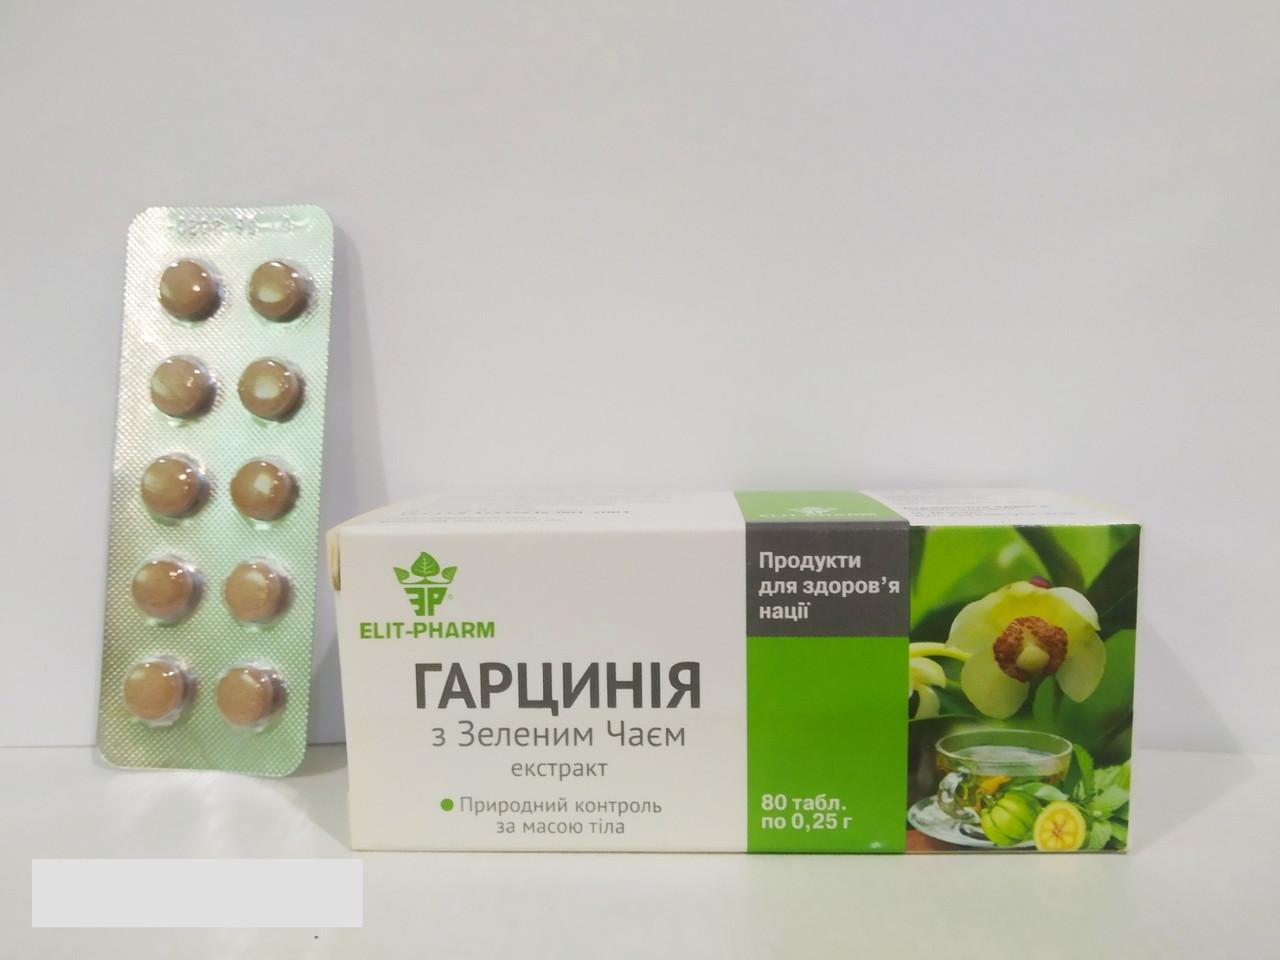 Гарциния с зеленым чаем контроль аппетита и массы тела 80 таблеток Элитфарм